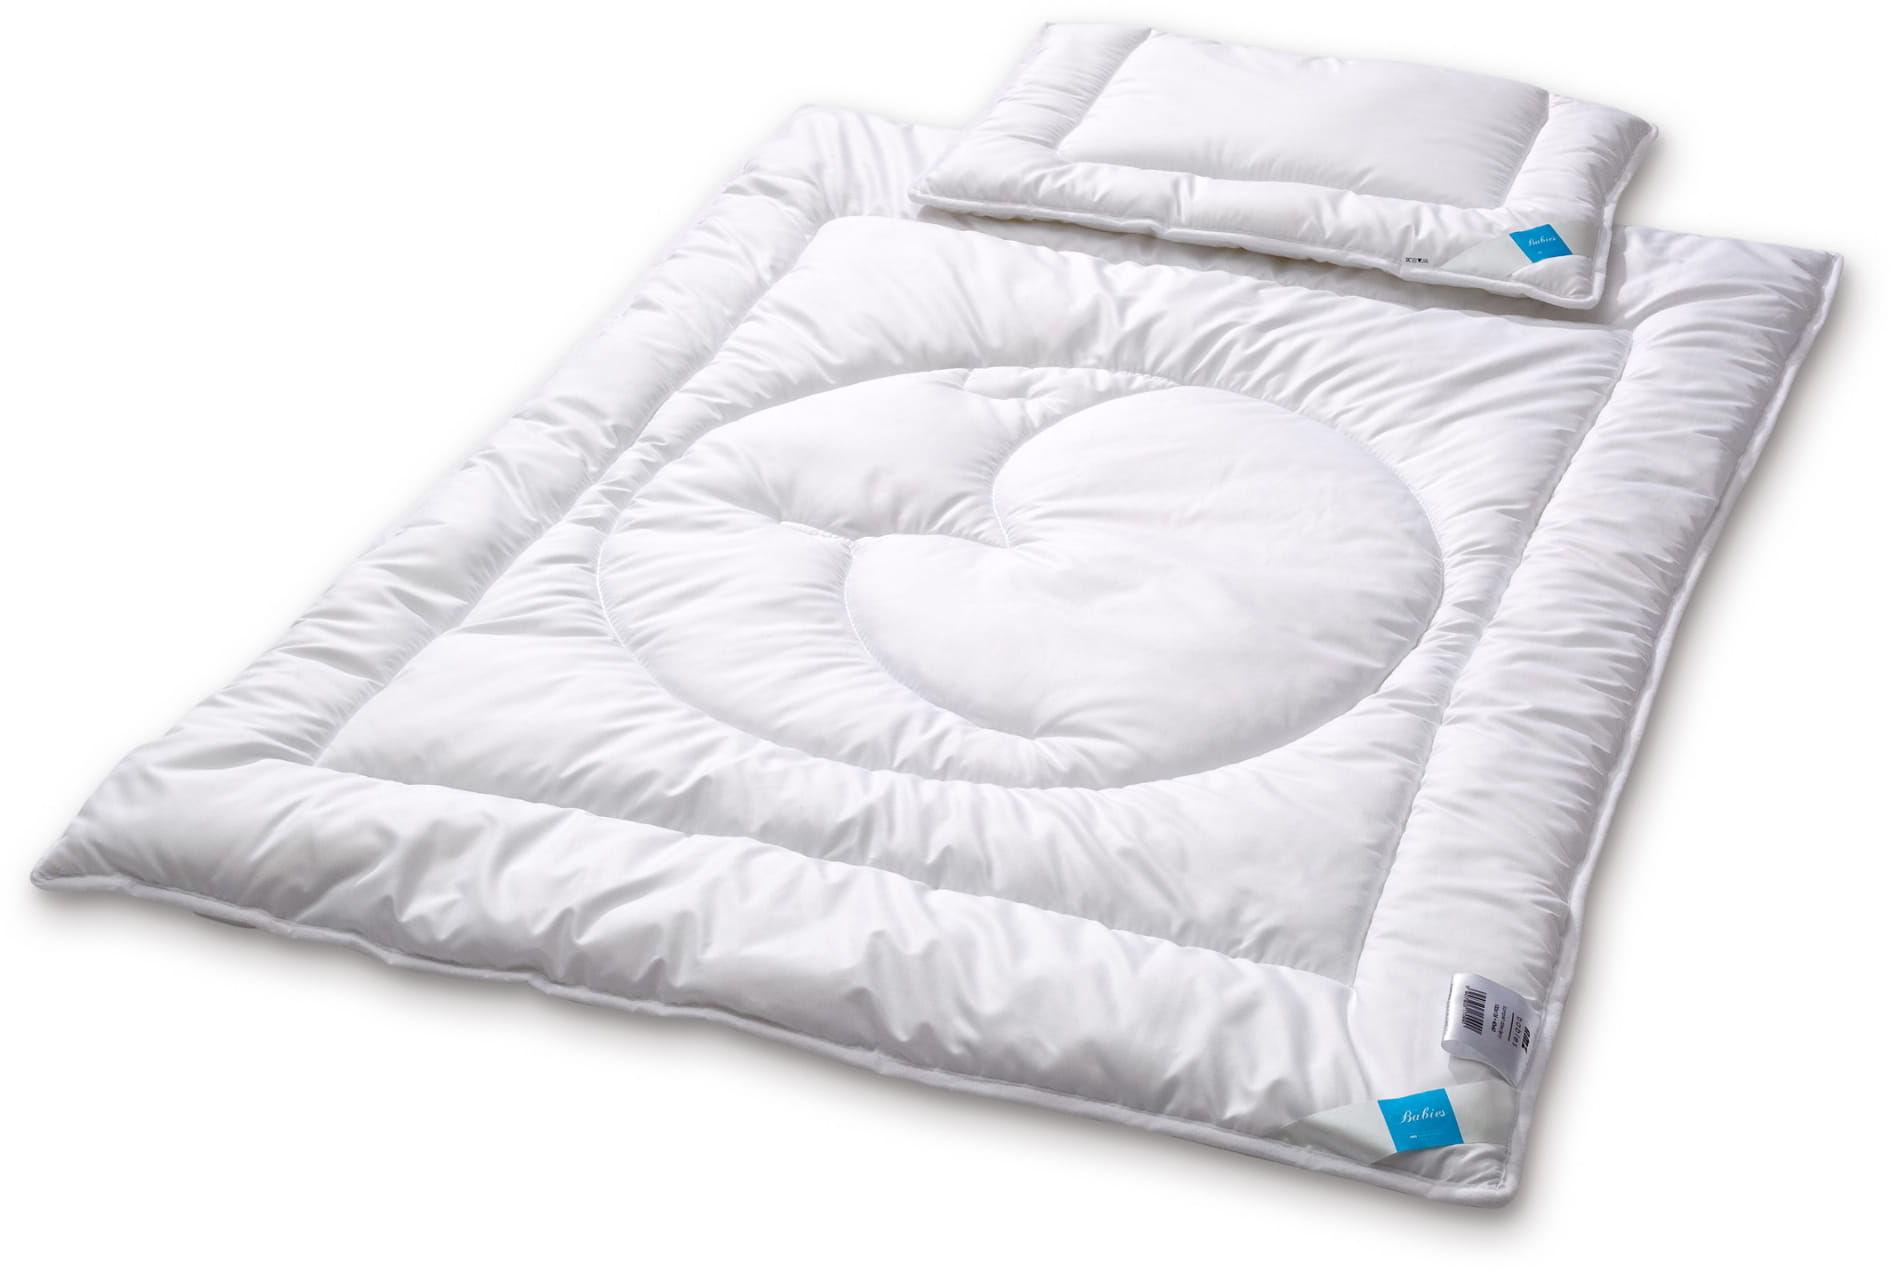 Kołdra dziecięca 90x120 AMZ Mikrofibra z poduszką 40x60 Antyalergiczna